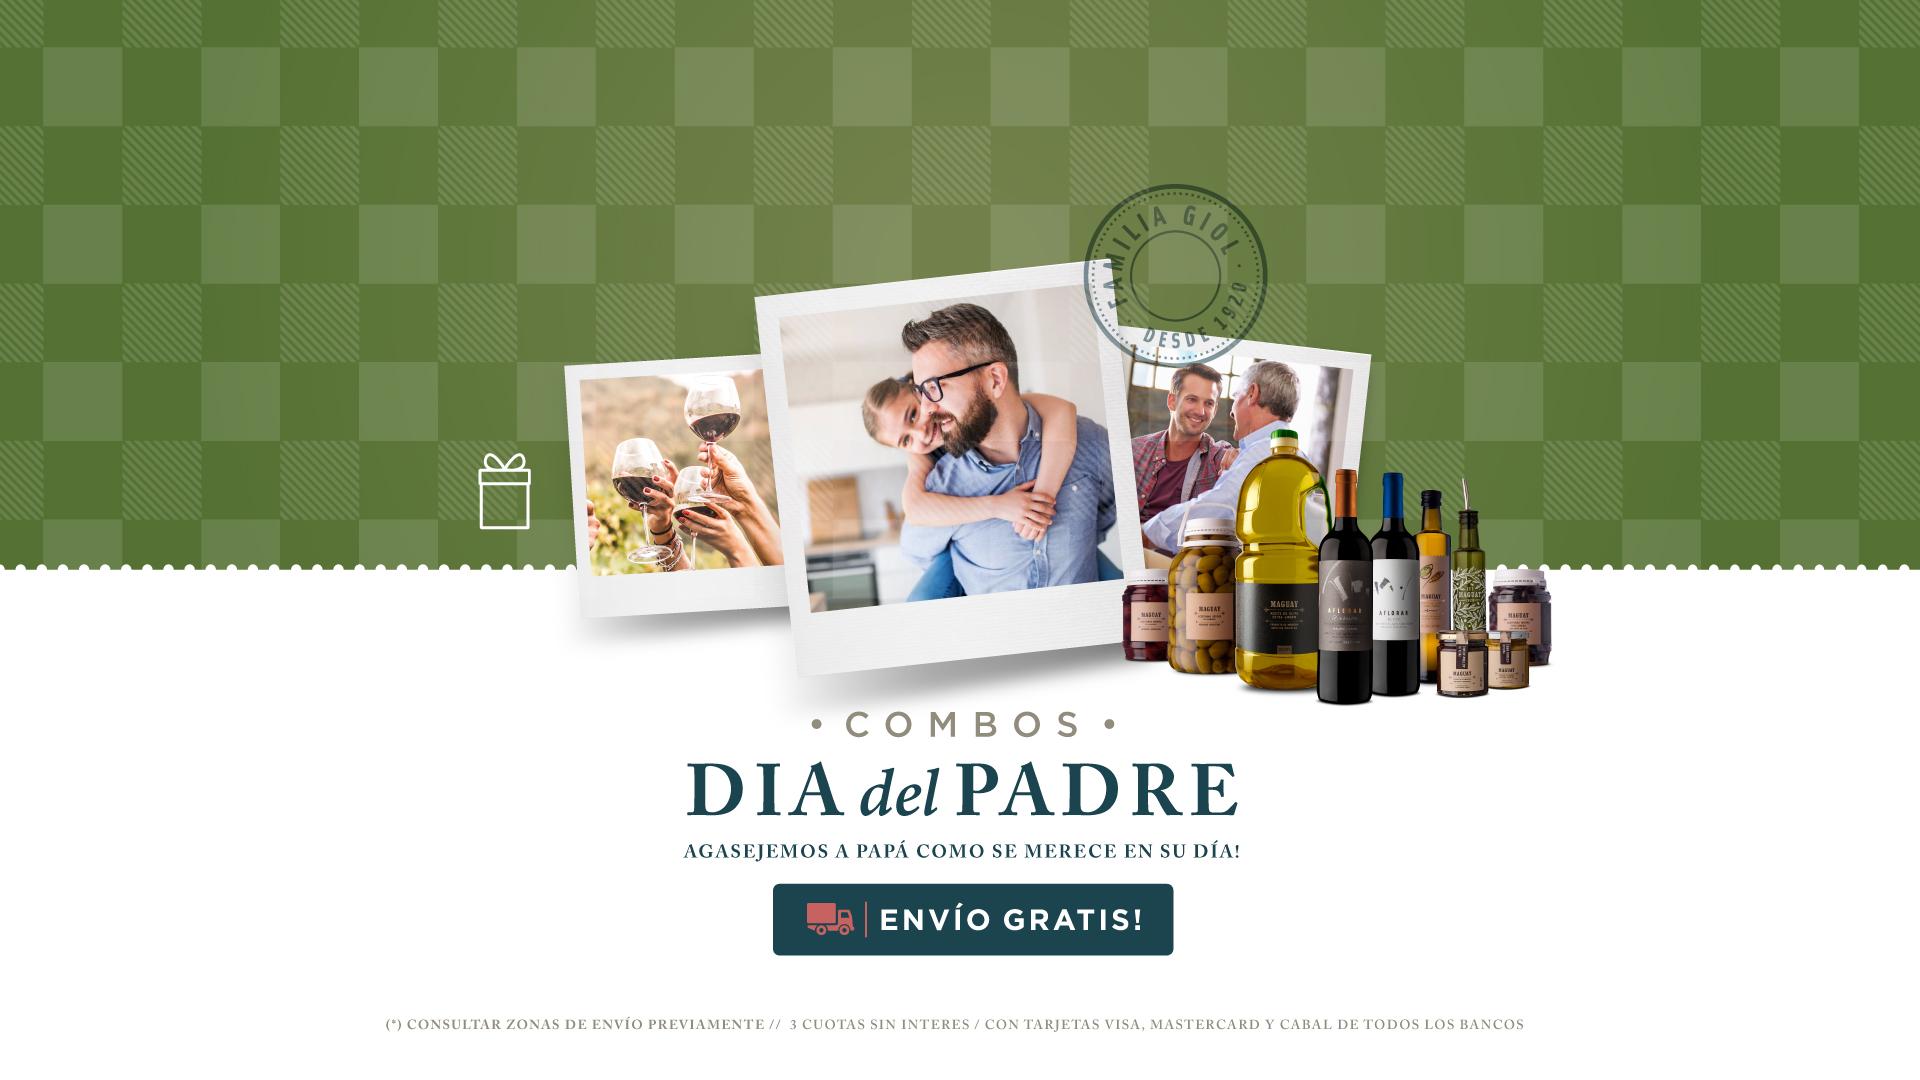 http://maguay.com.ar/es/diadelpadrecombochico